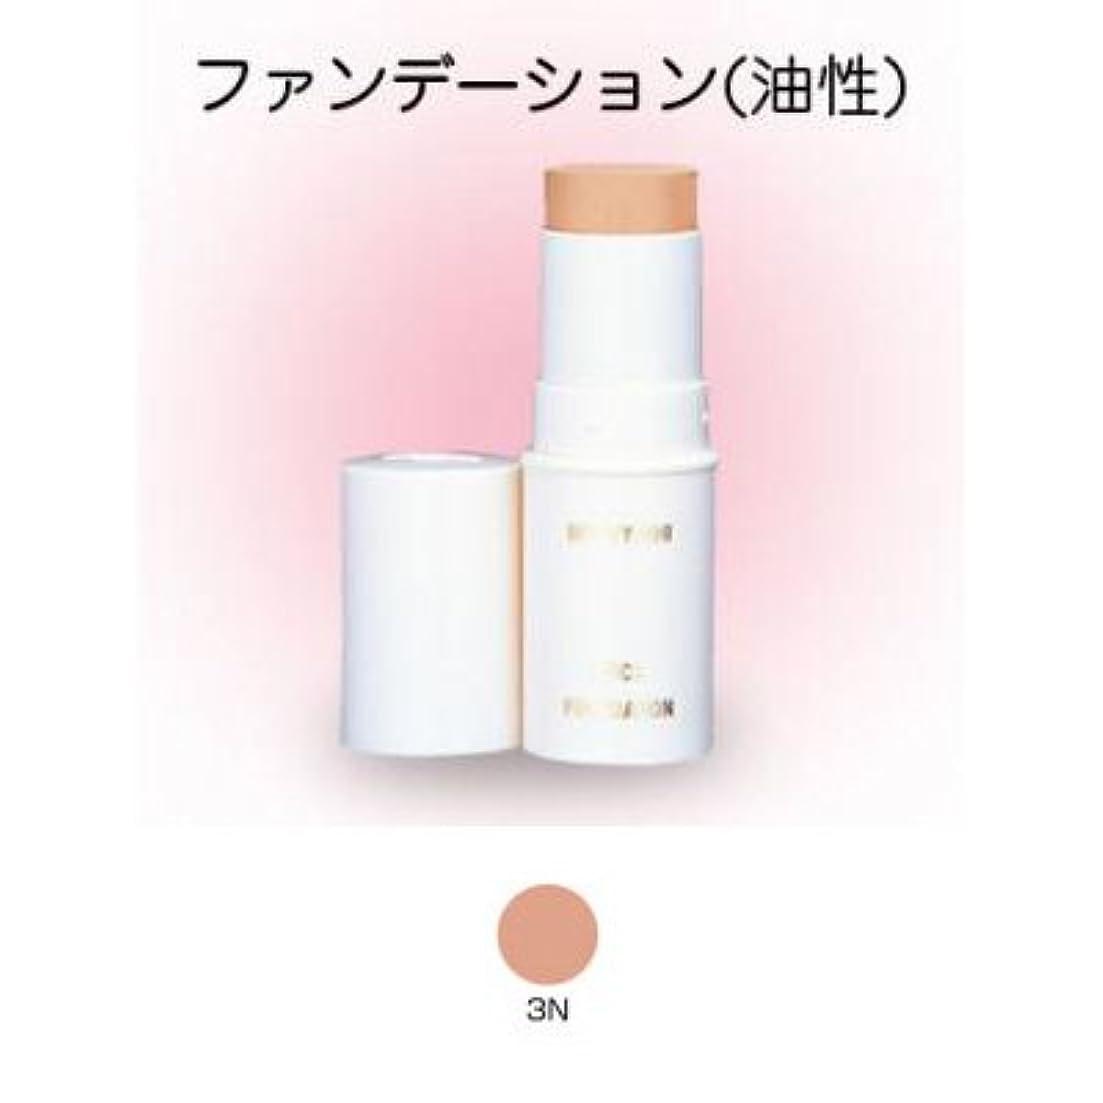 スティックファンデーション 16g 3N 【三善】